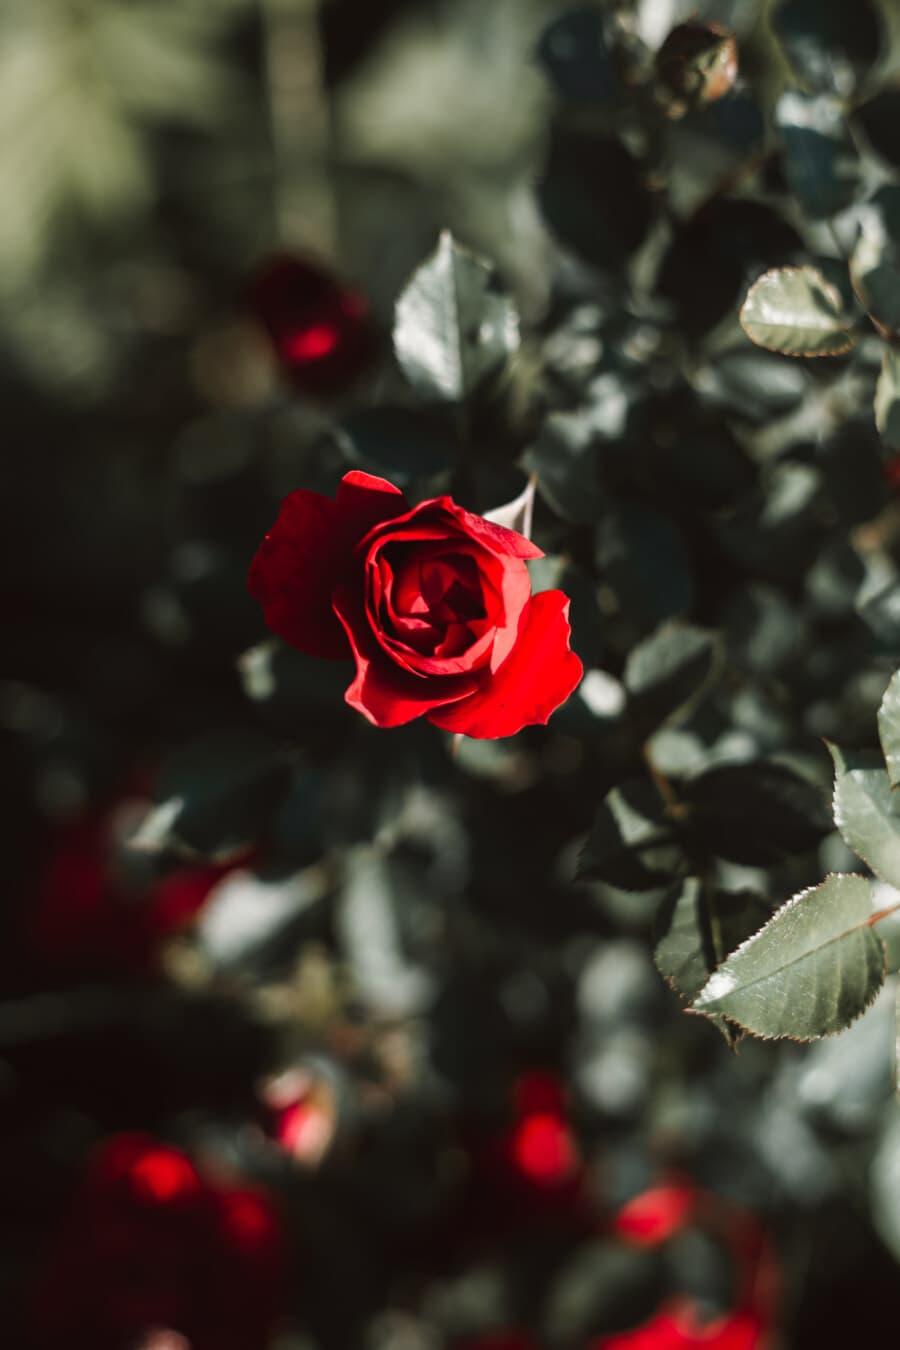 Blütenblatt, stieg, Strauch, Blatt, Rosen, Knospe, Anlage, Blume, Natur, Flora